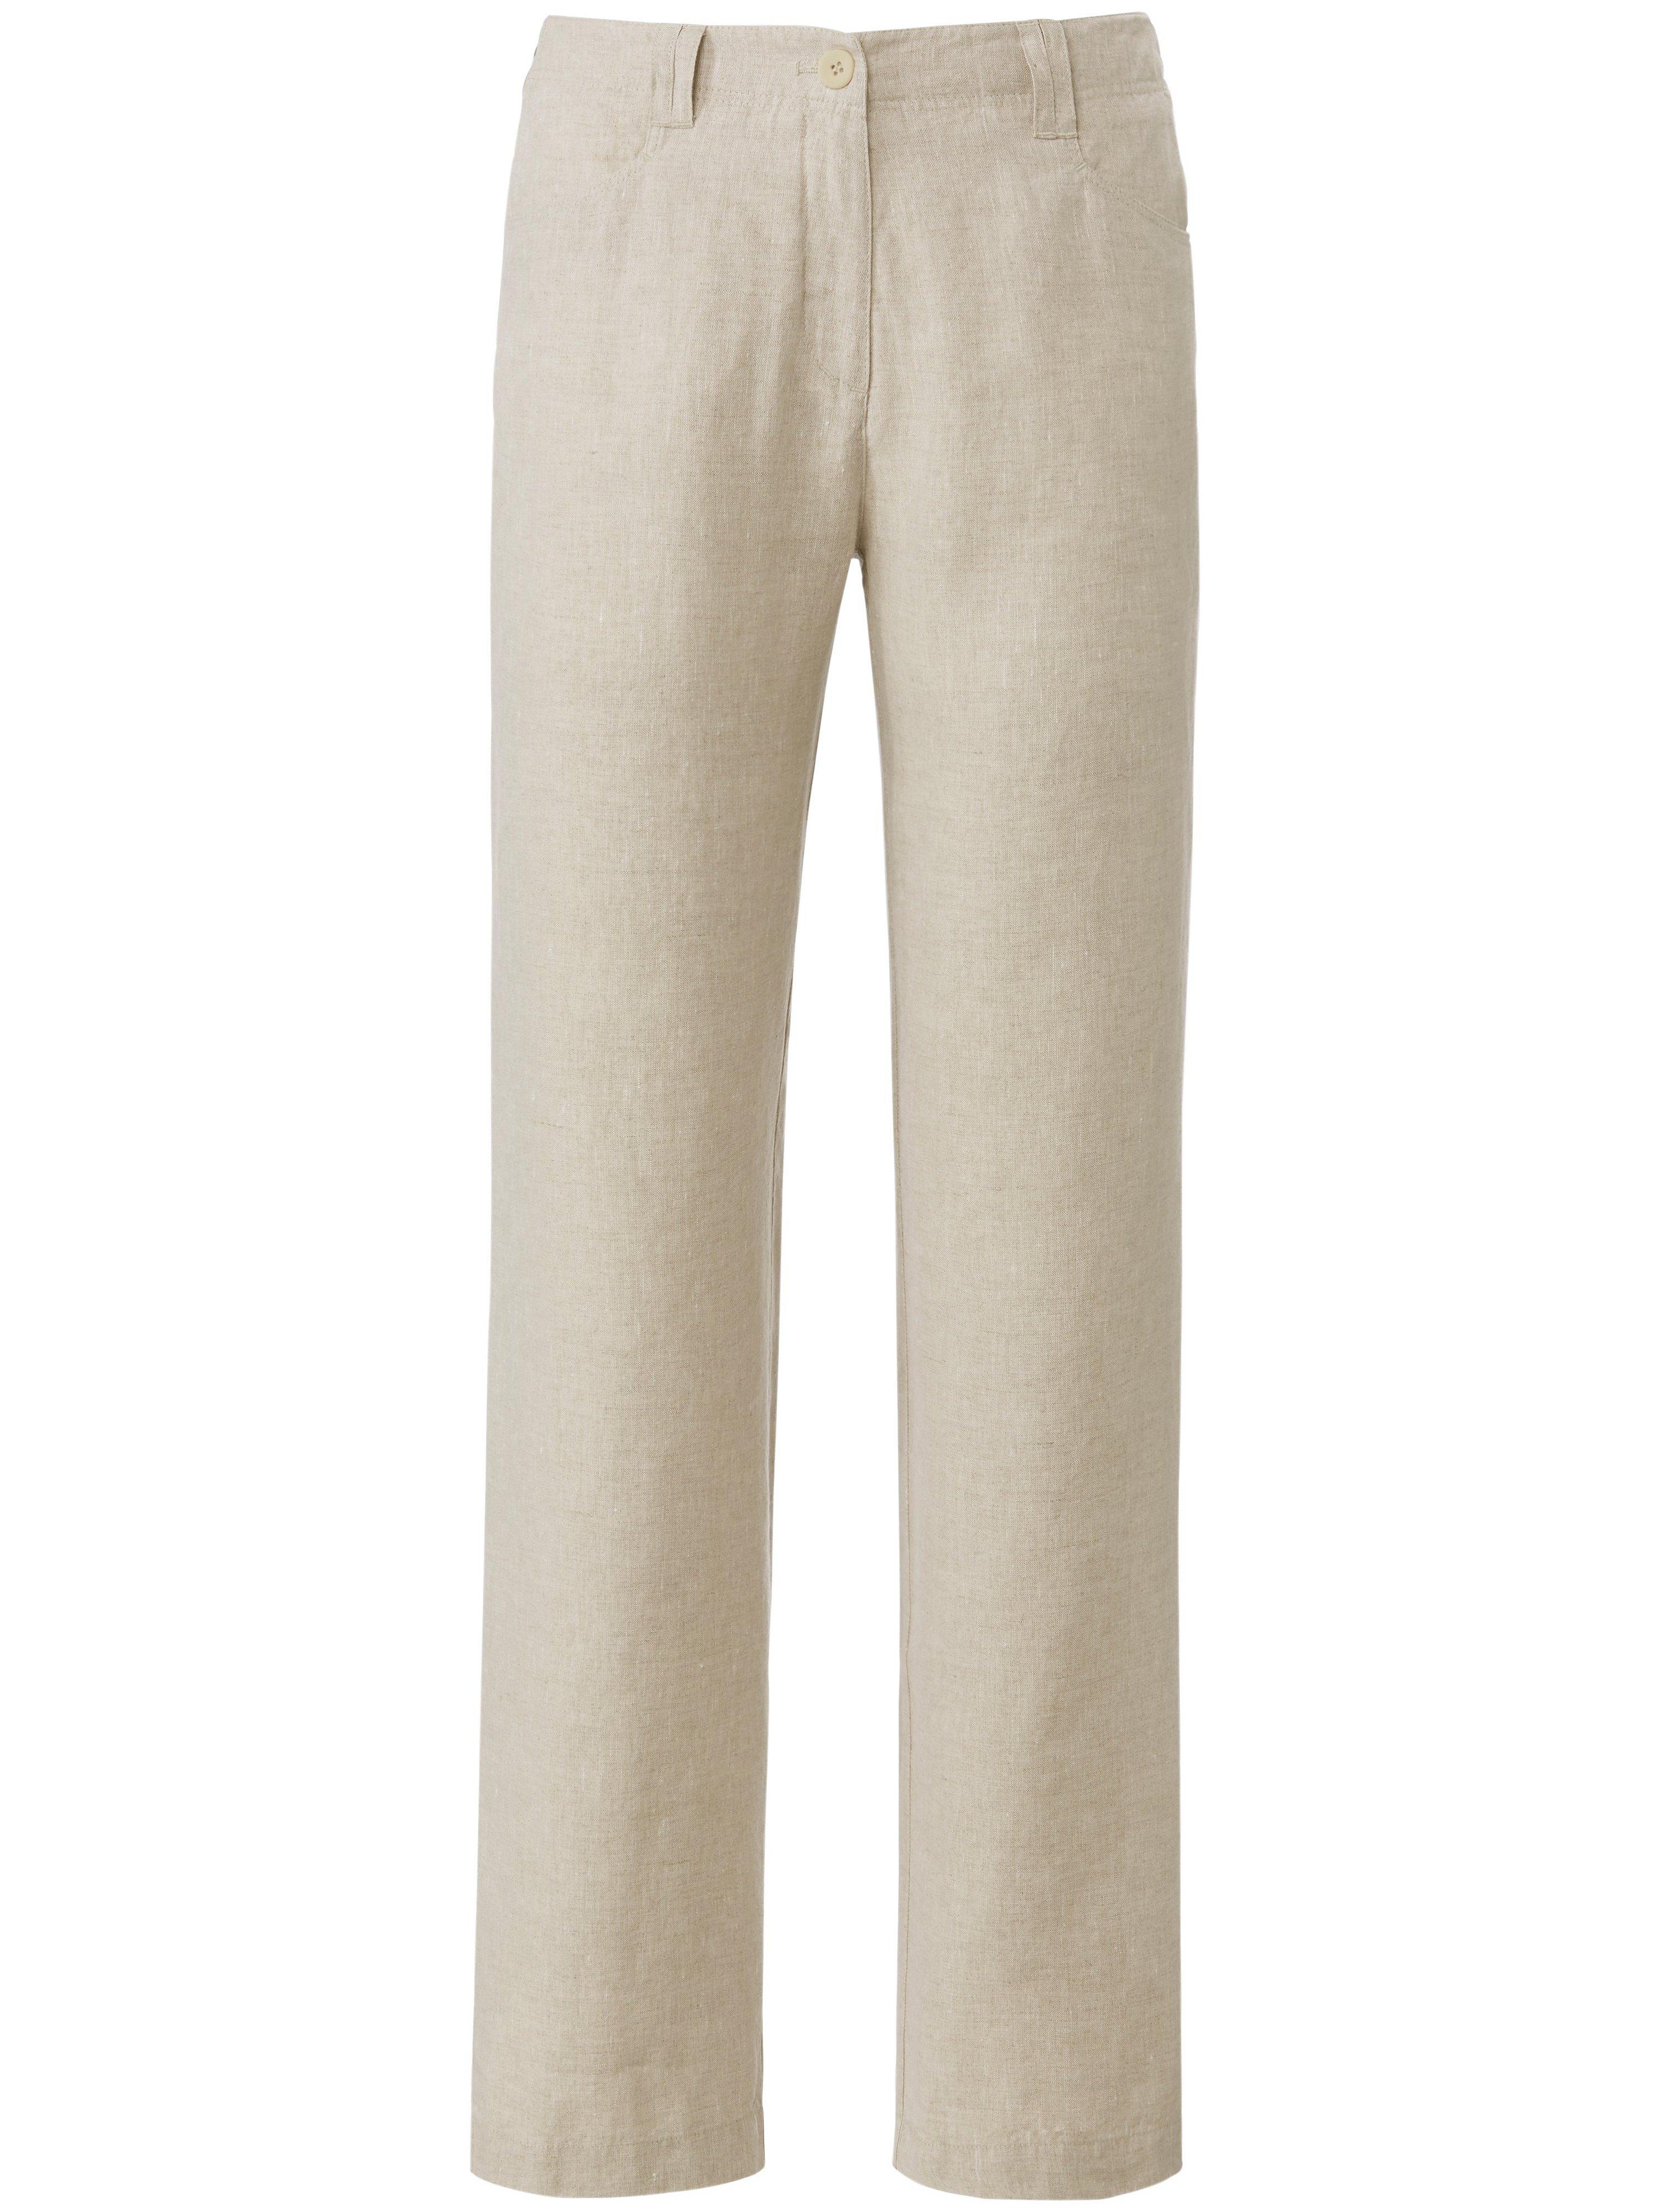 Broek 100% linnen Van PETER HAHN PURE EDITION beige